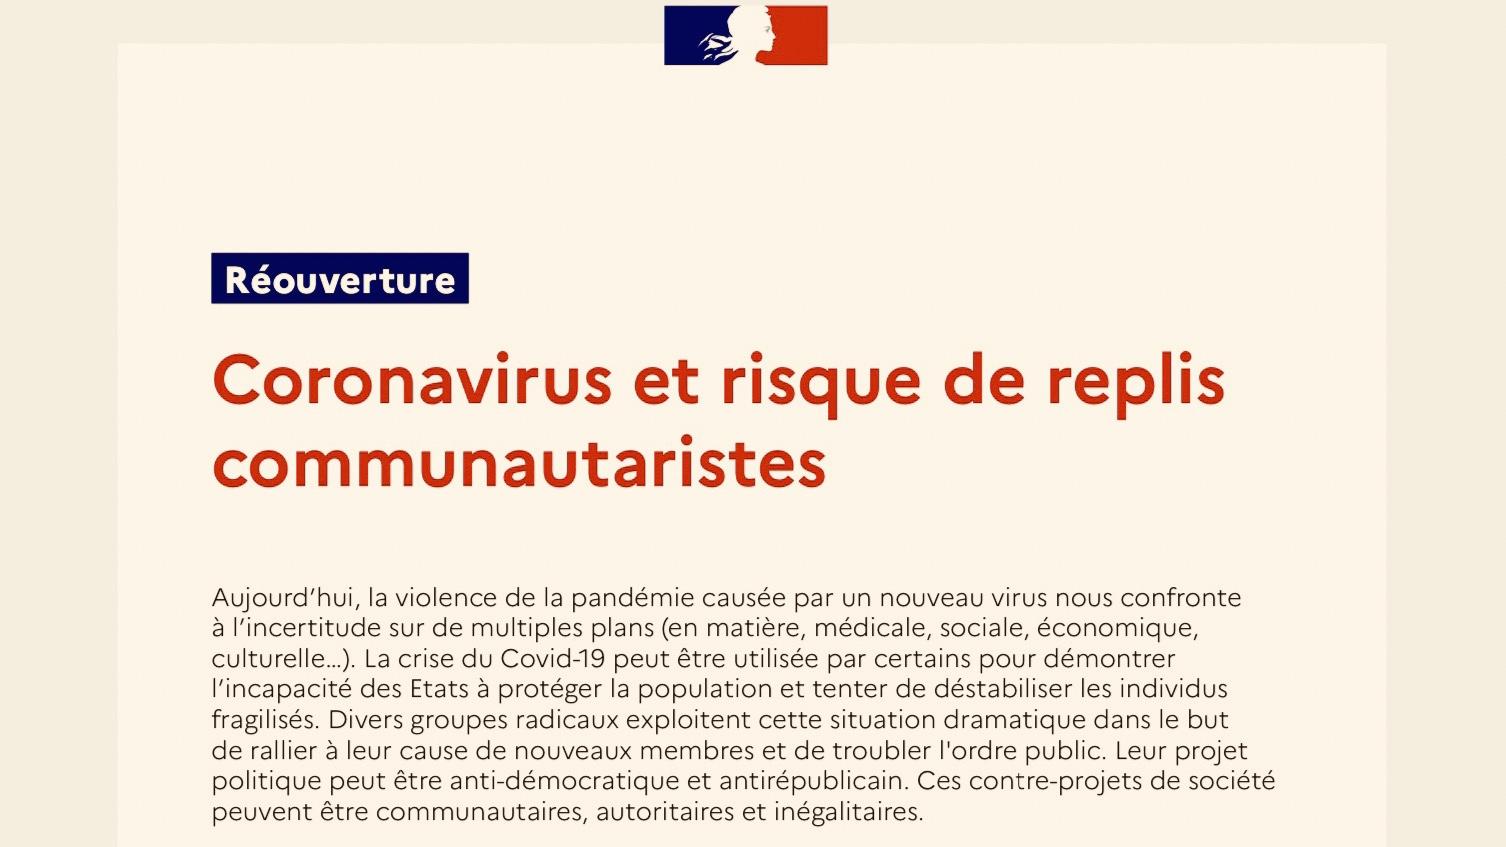 Communautarisme : Lire le document original du ministère français de l'éducation nationale